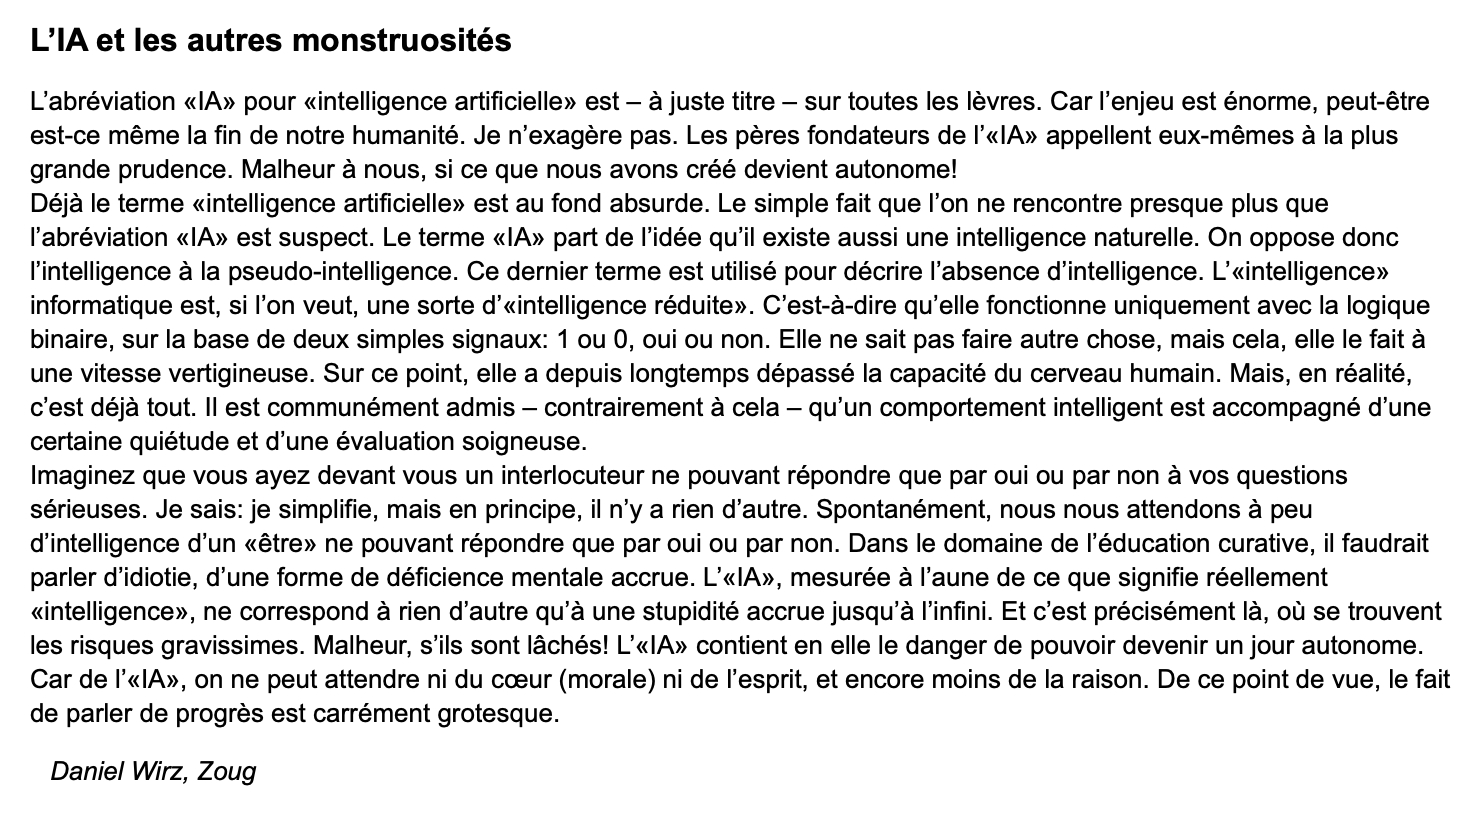 L'IA (Intelligence artificielle) et autres monstruosités, par Daniel Wirz (Zoug, CH), Horizons et Débats N°24, 11 nov. 2019